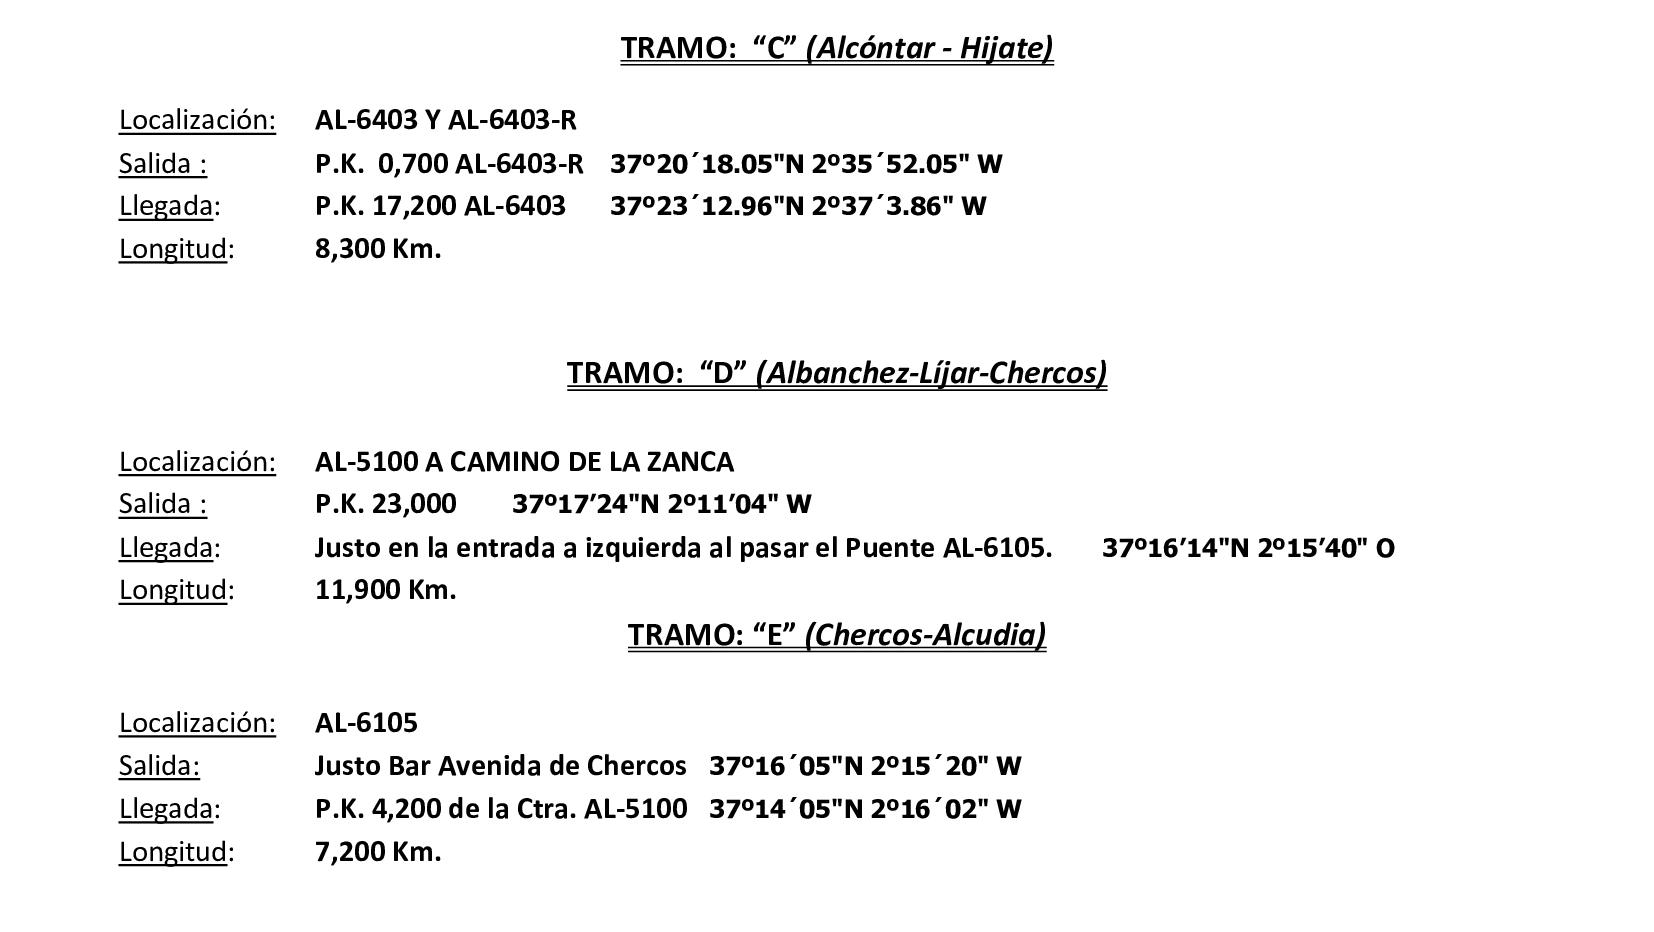 Tramos VII Rallye Valle del Almanzora - Filabres